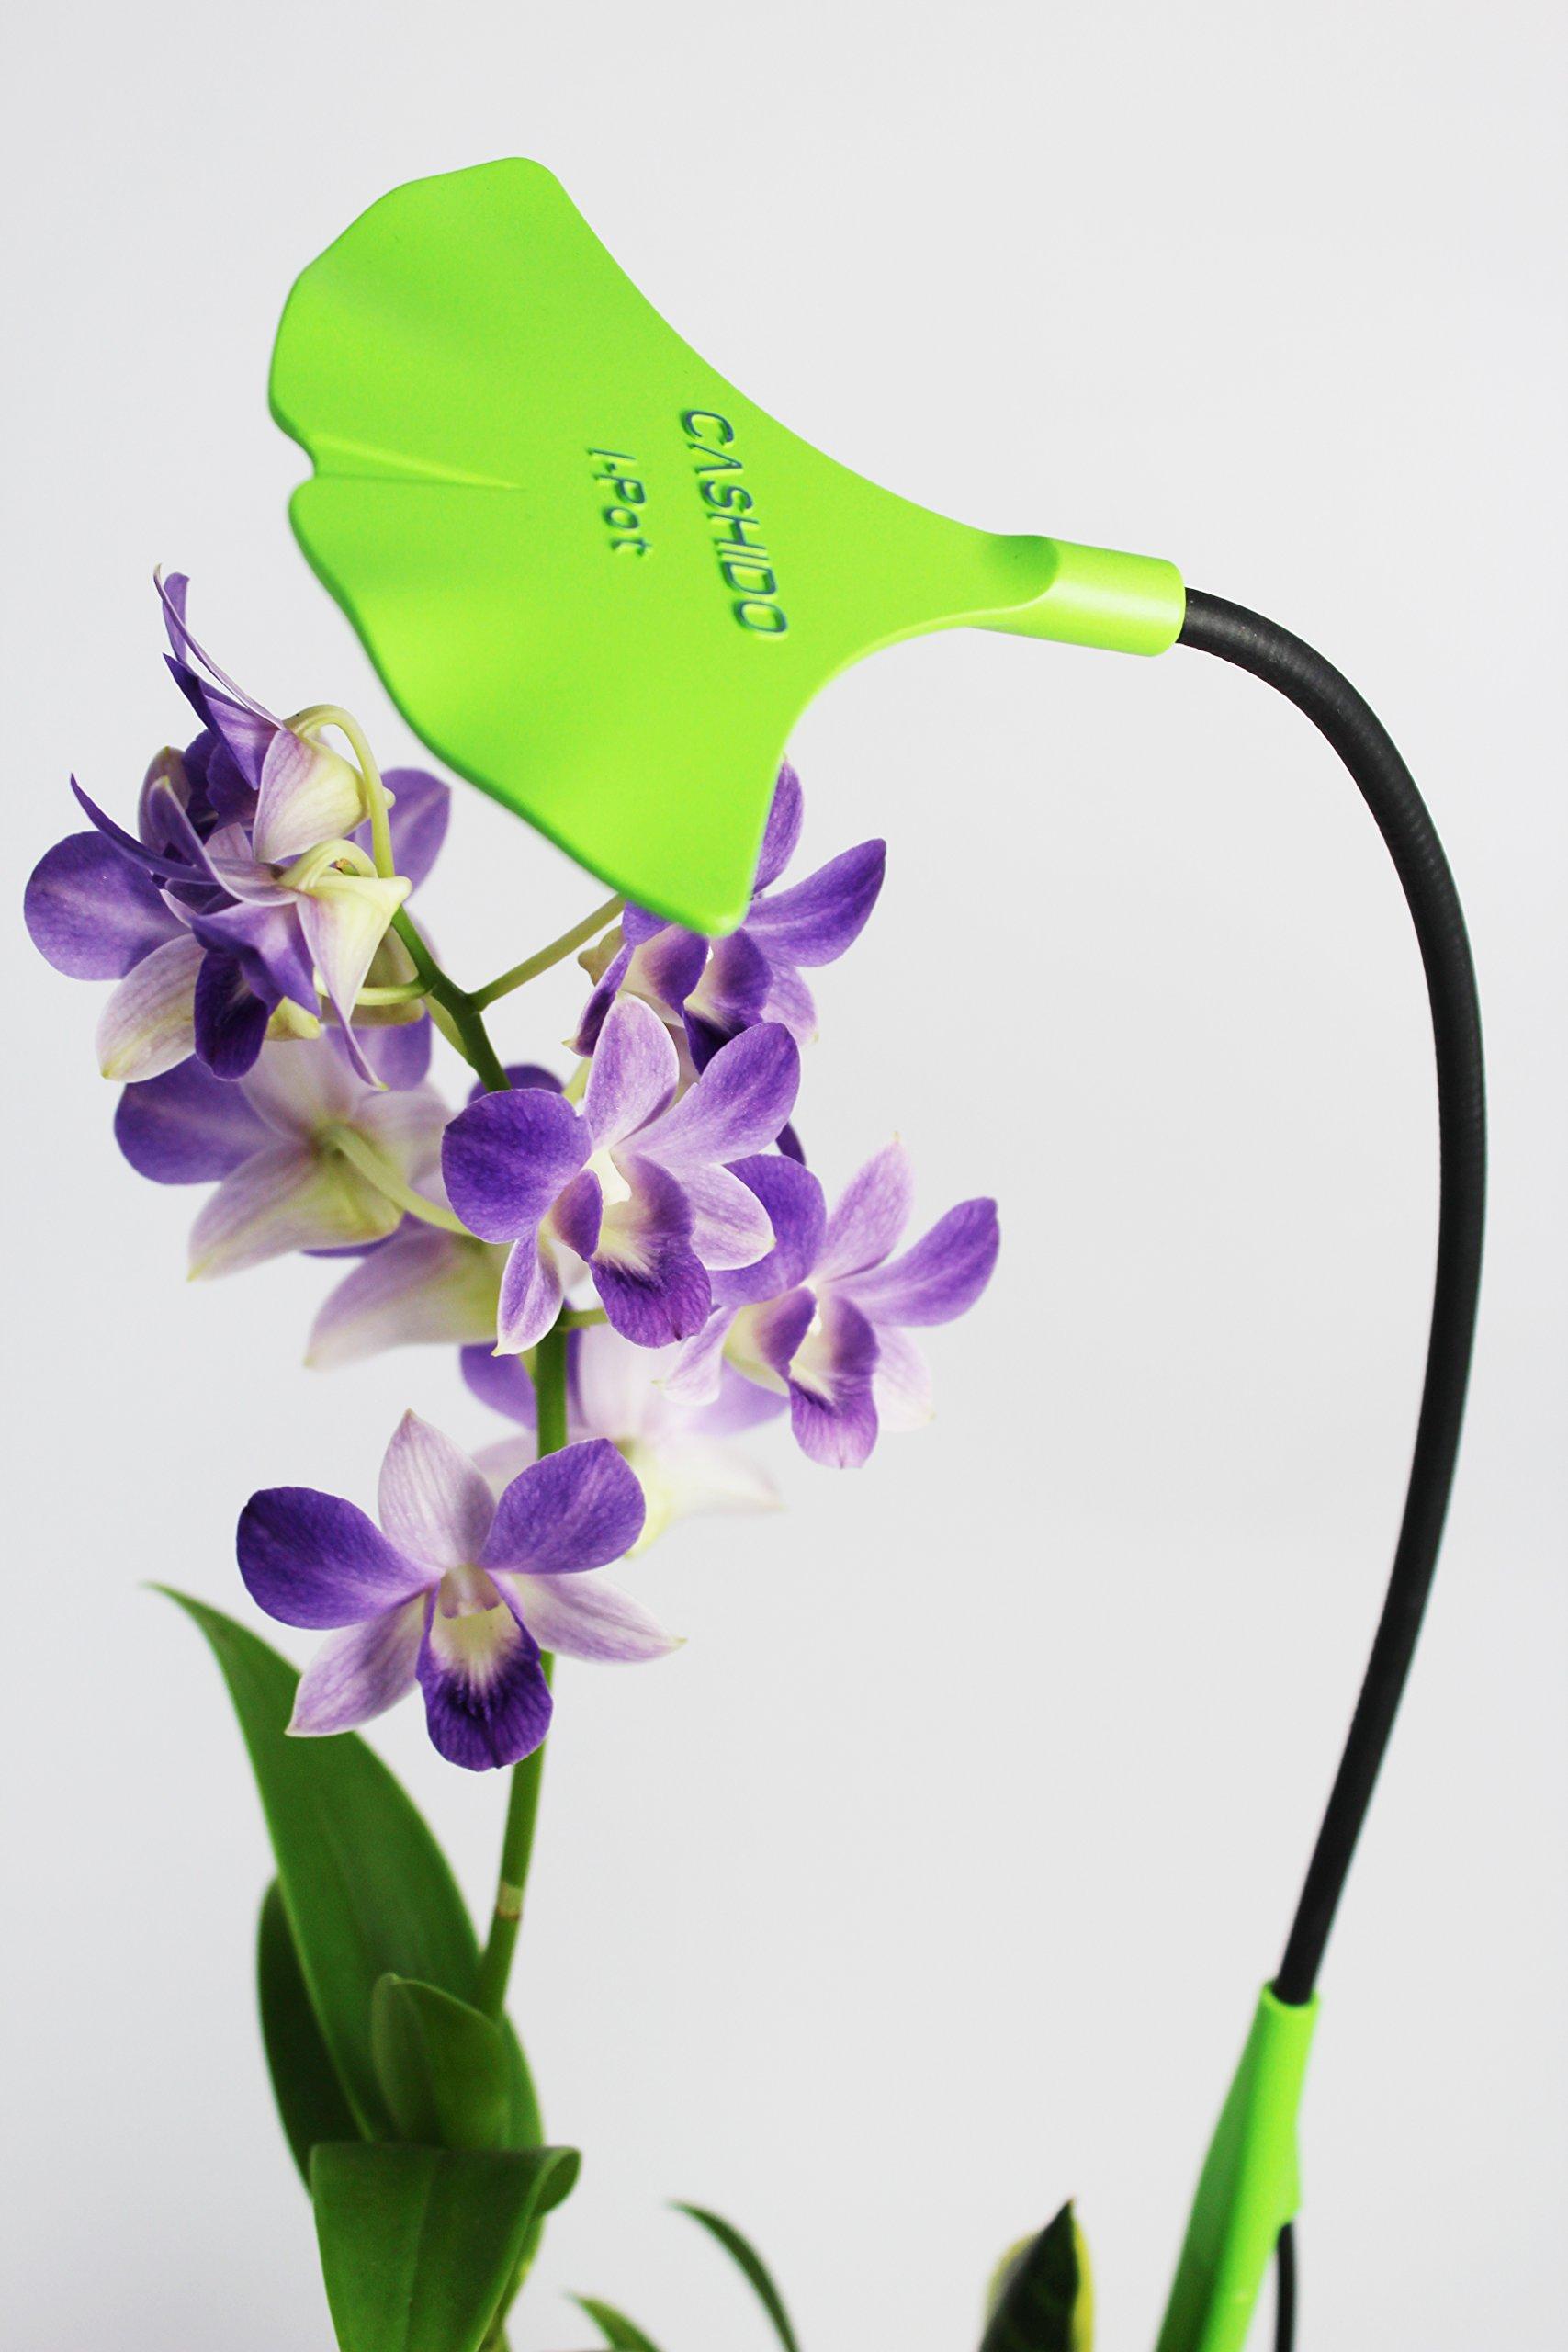 I-Pot S1 LED Plant Grow Light (Green) - Novelty Mood Lamp, Desk Lamp, Office Lighting, Hobby Recreational Use